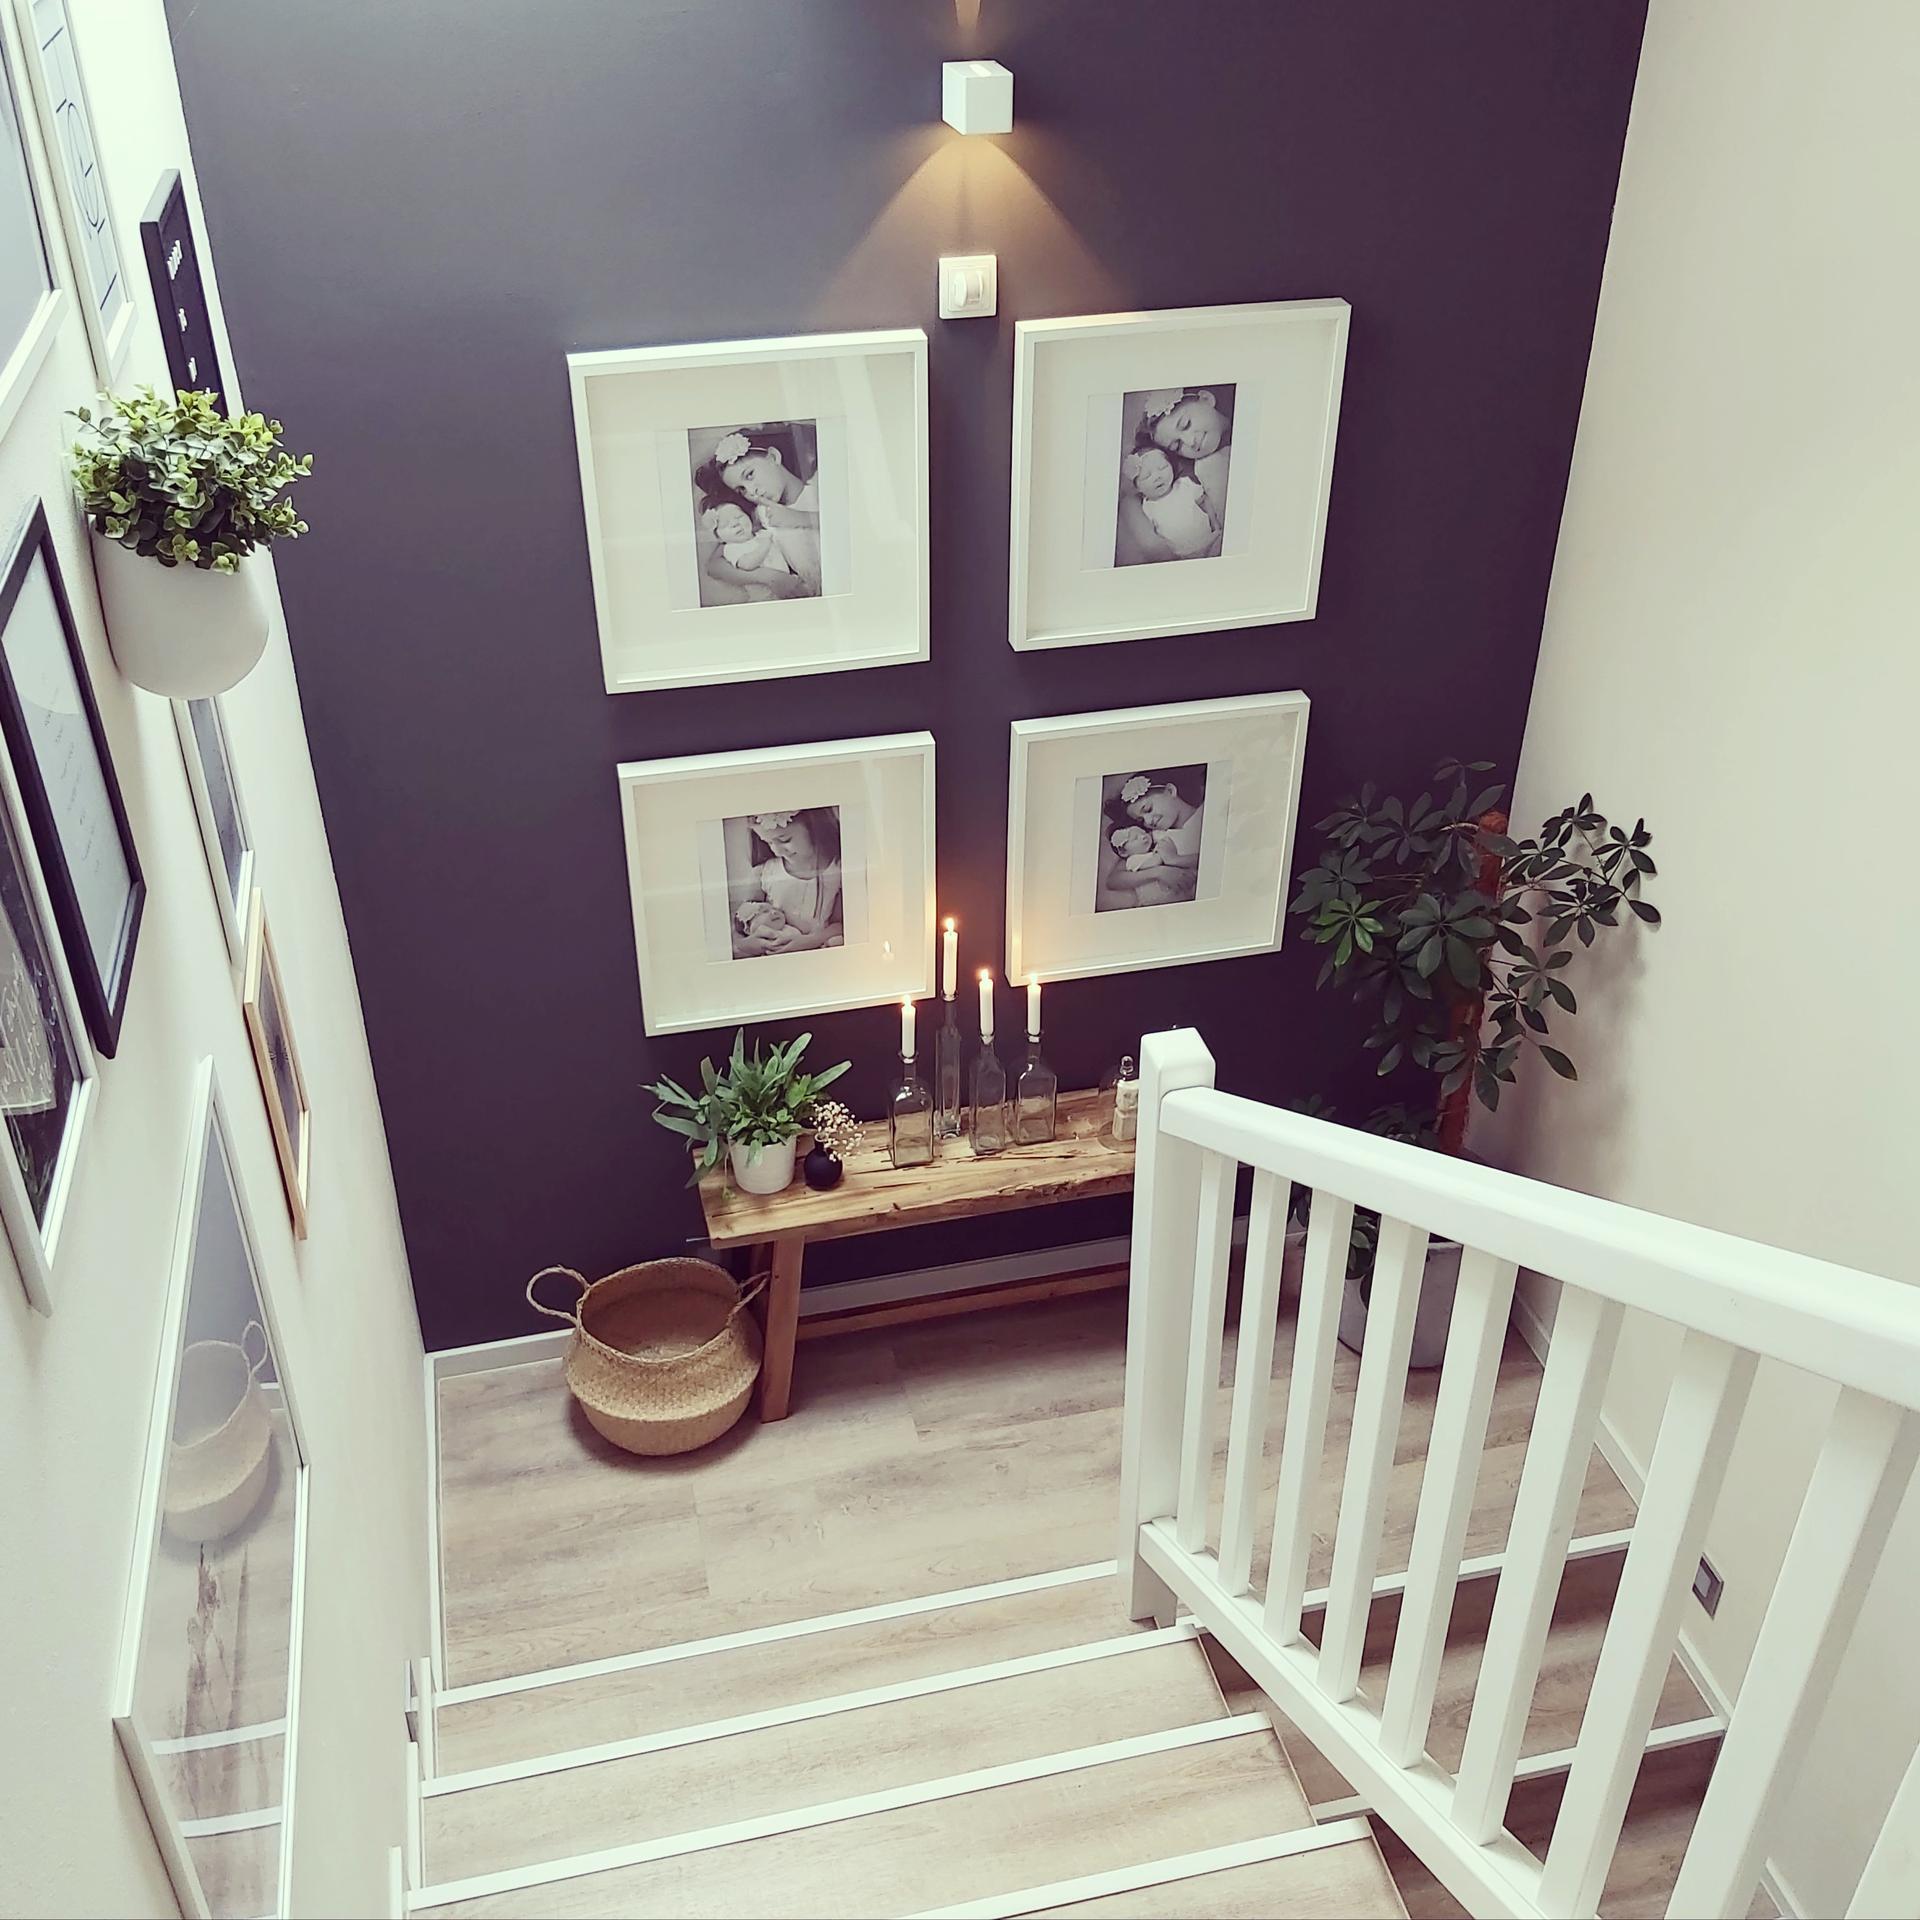 schodiště - Obrázek č. 2